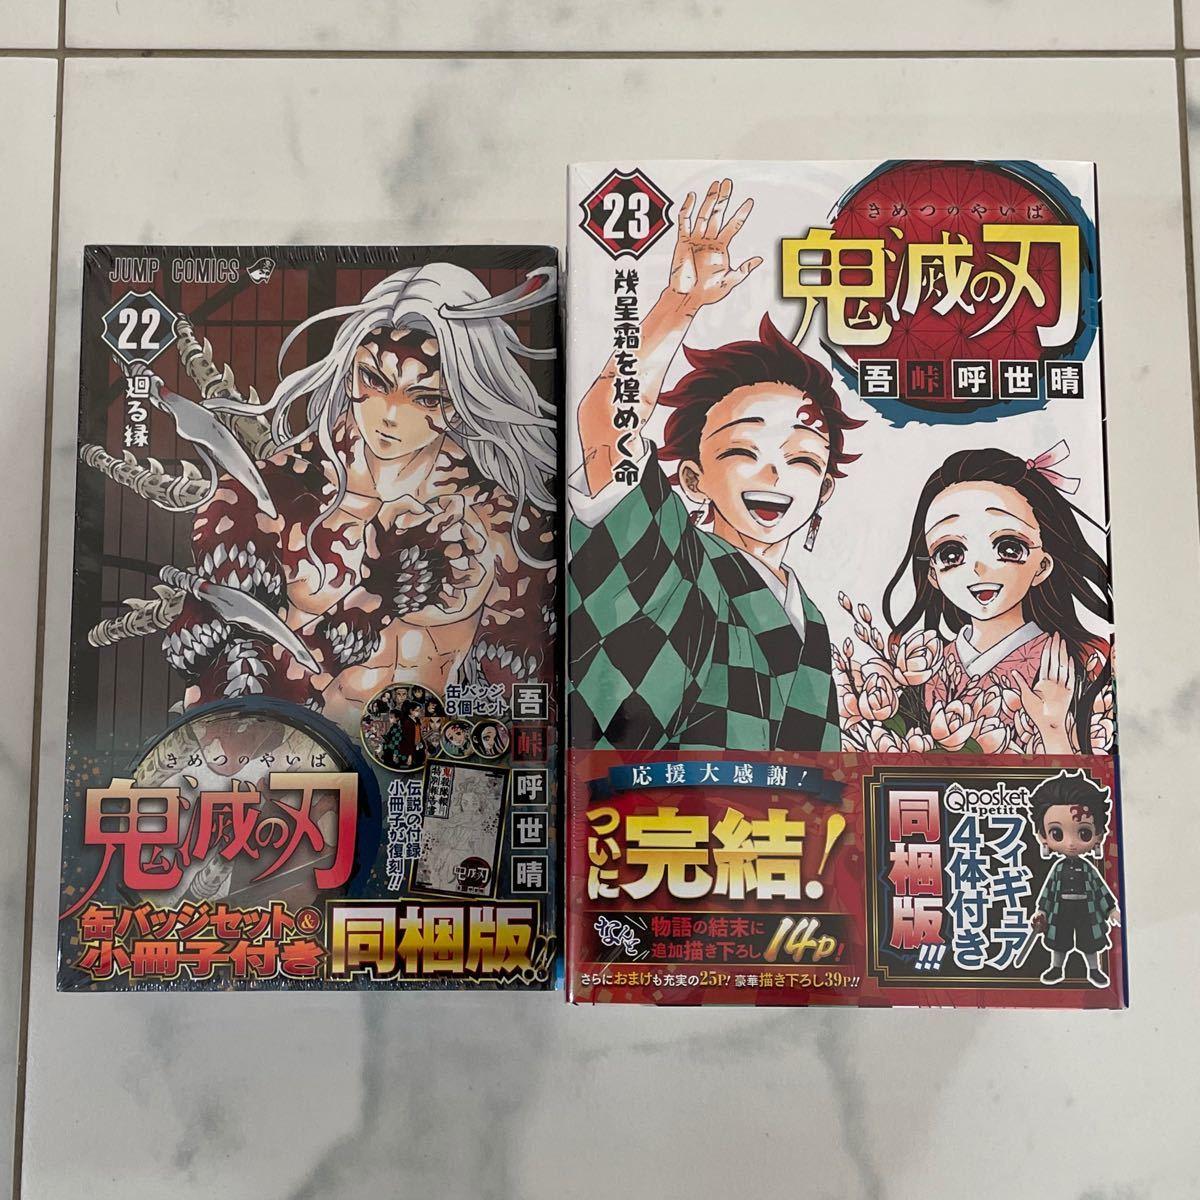 鬼滅の刃 第22巻同梱版 第23巻同梱版 新品未開封